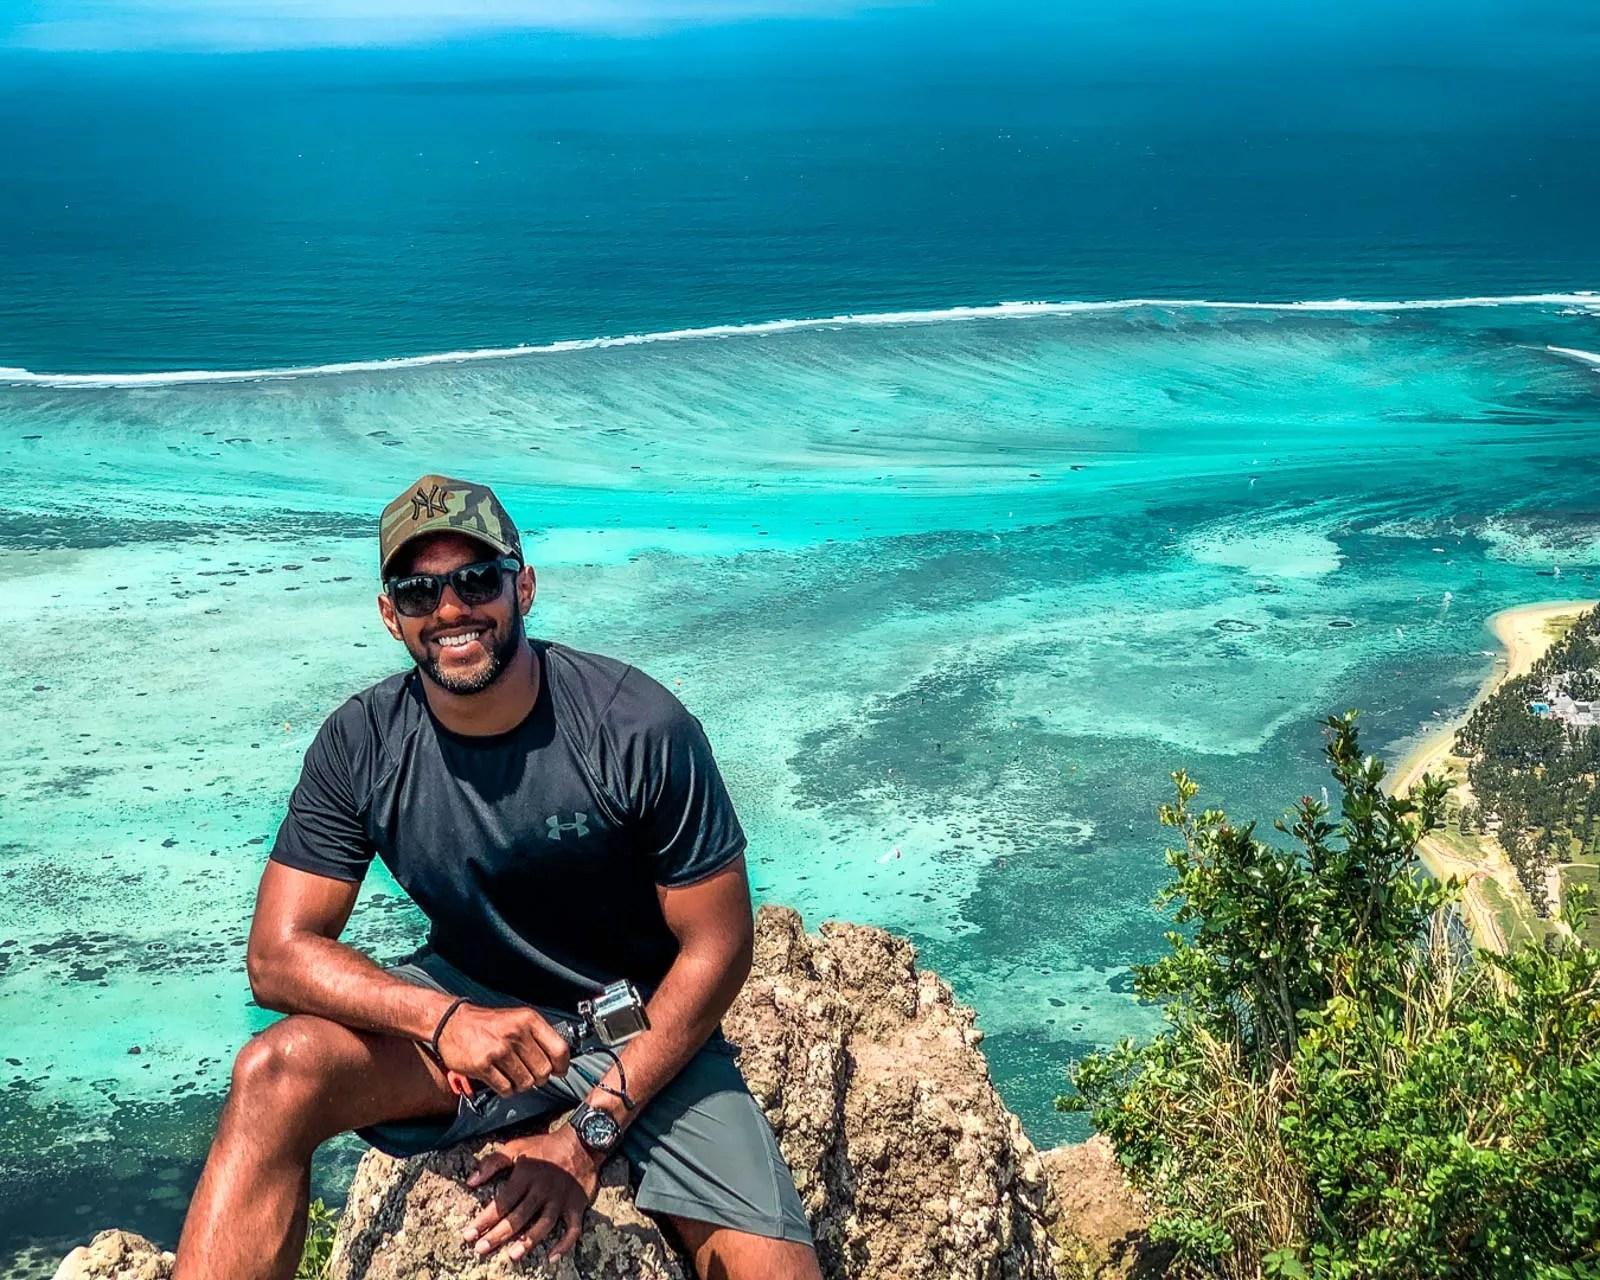 Le morne hike, visit Mauritius